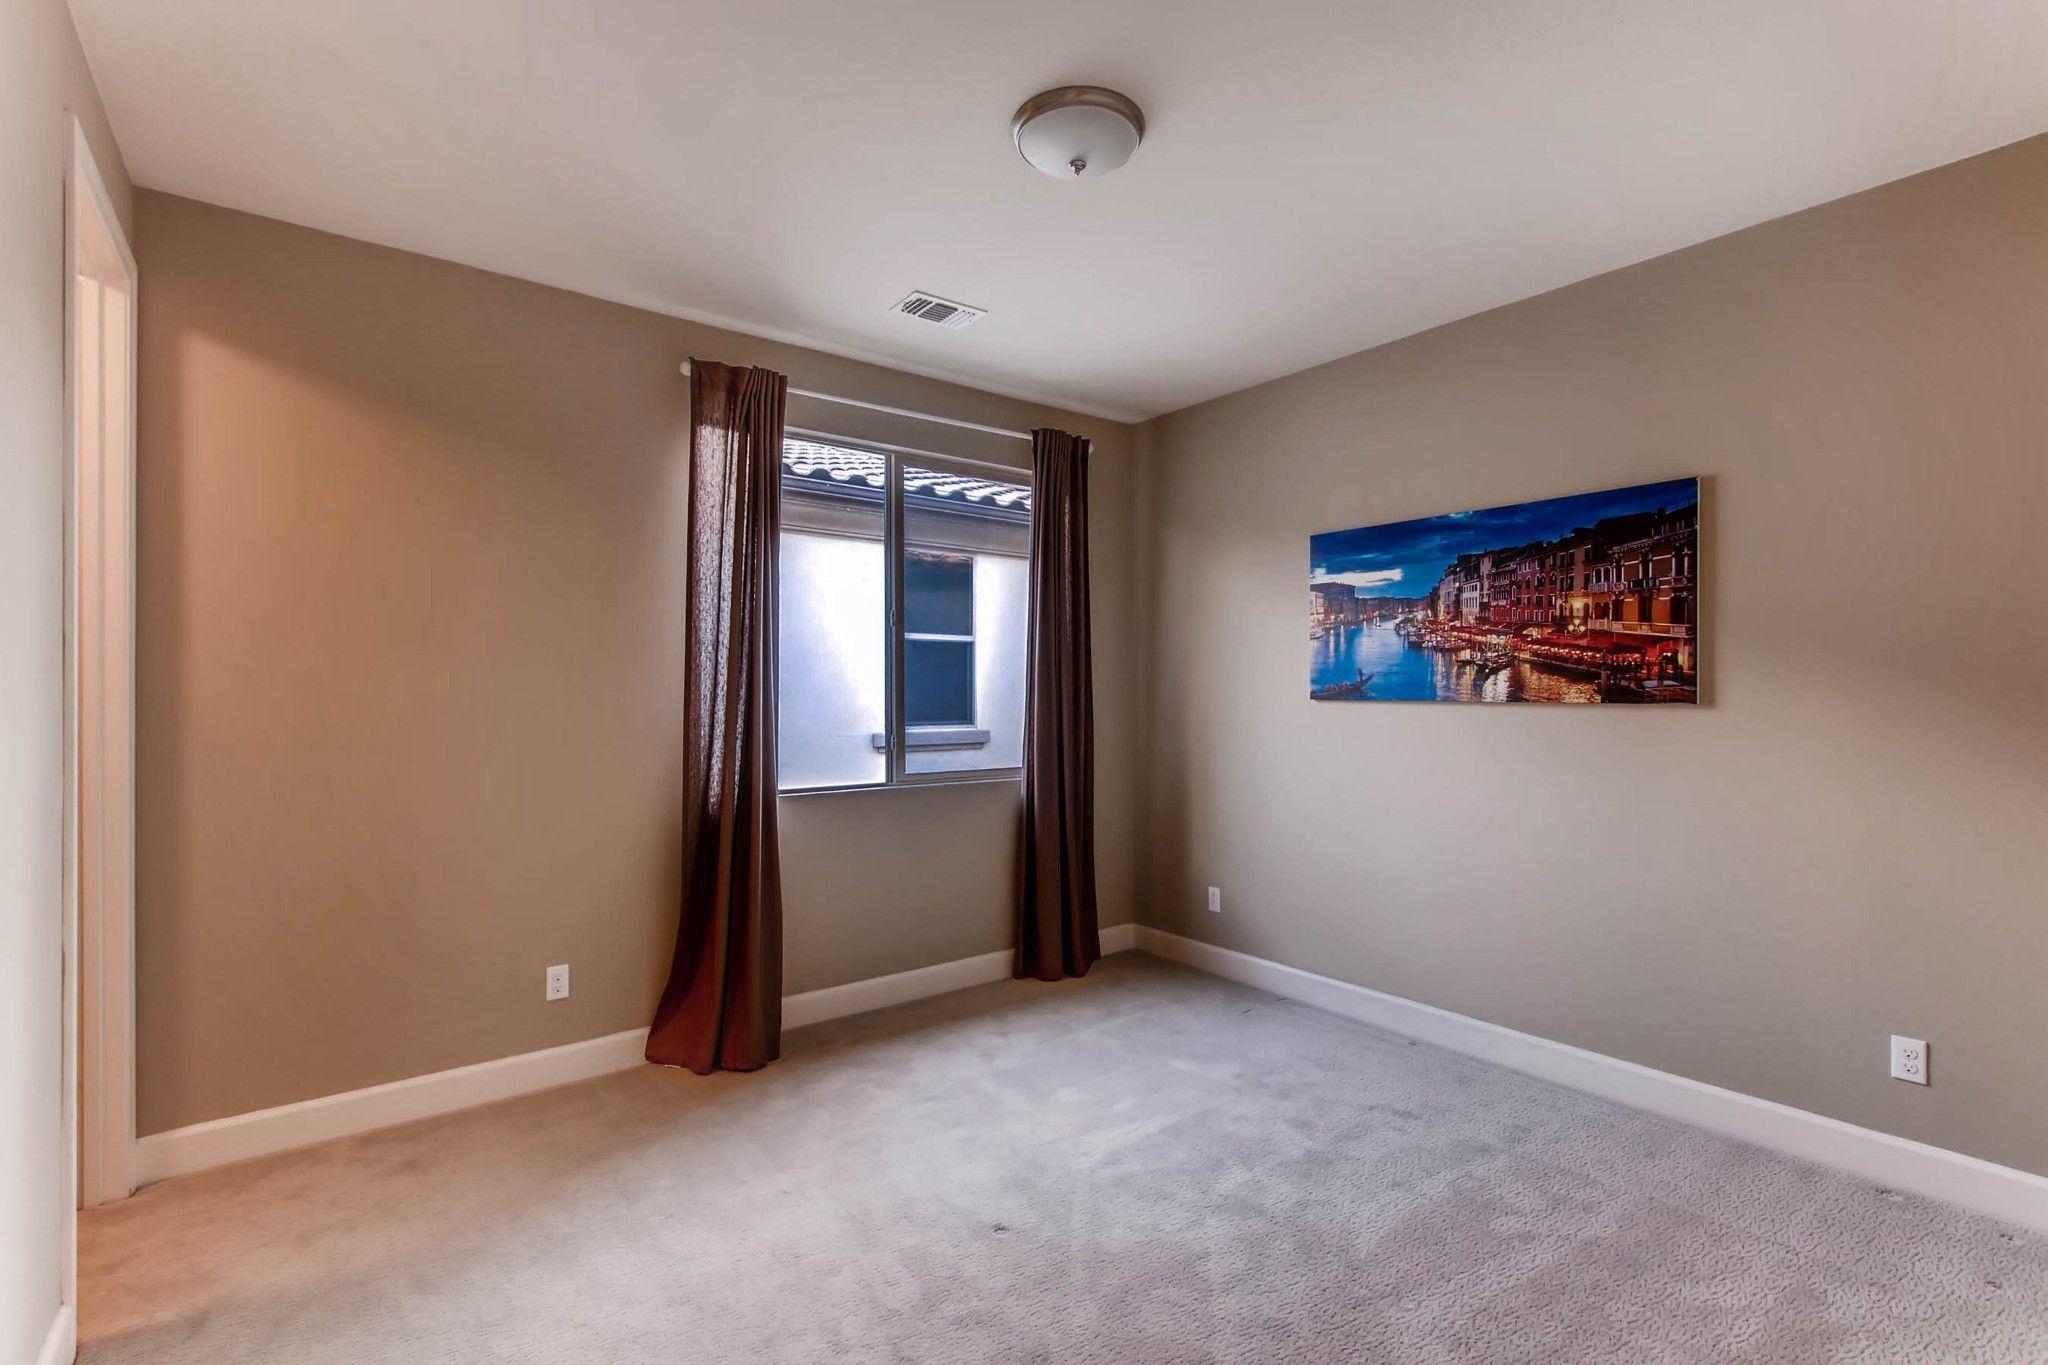 Photo 26: Photos: Residential for sale : 5 bedrooms : 443 Machado Way in Vista